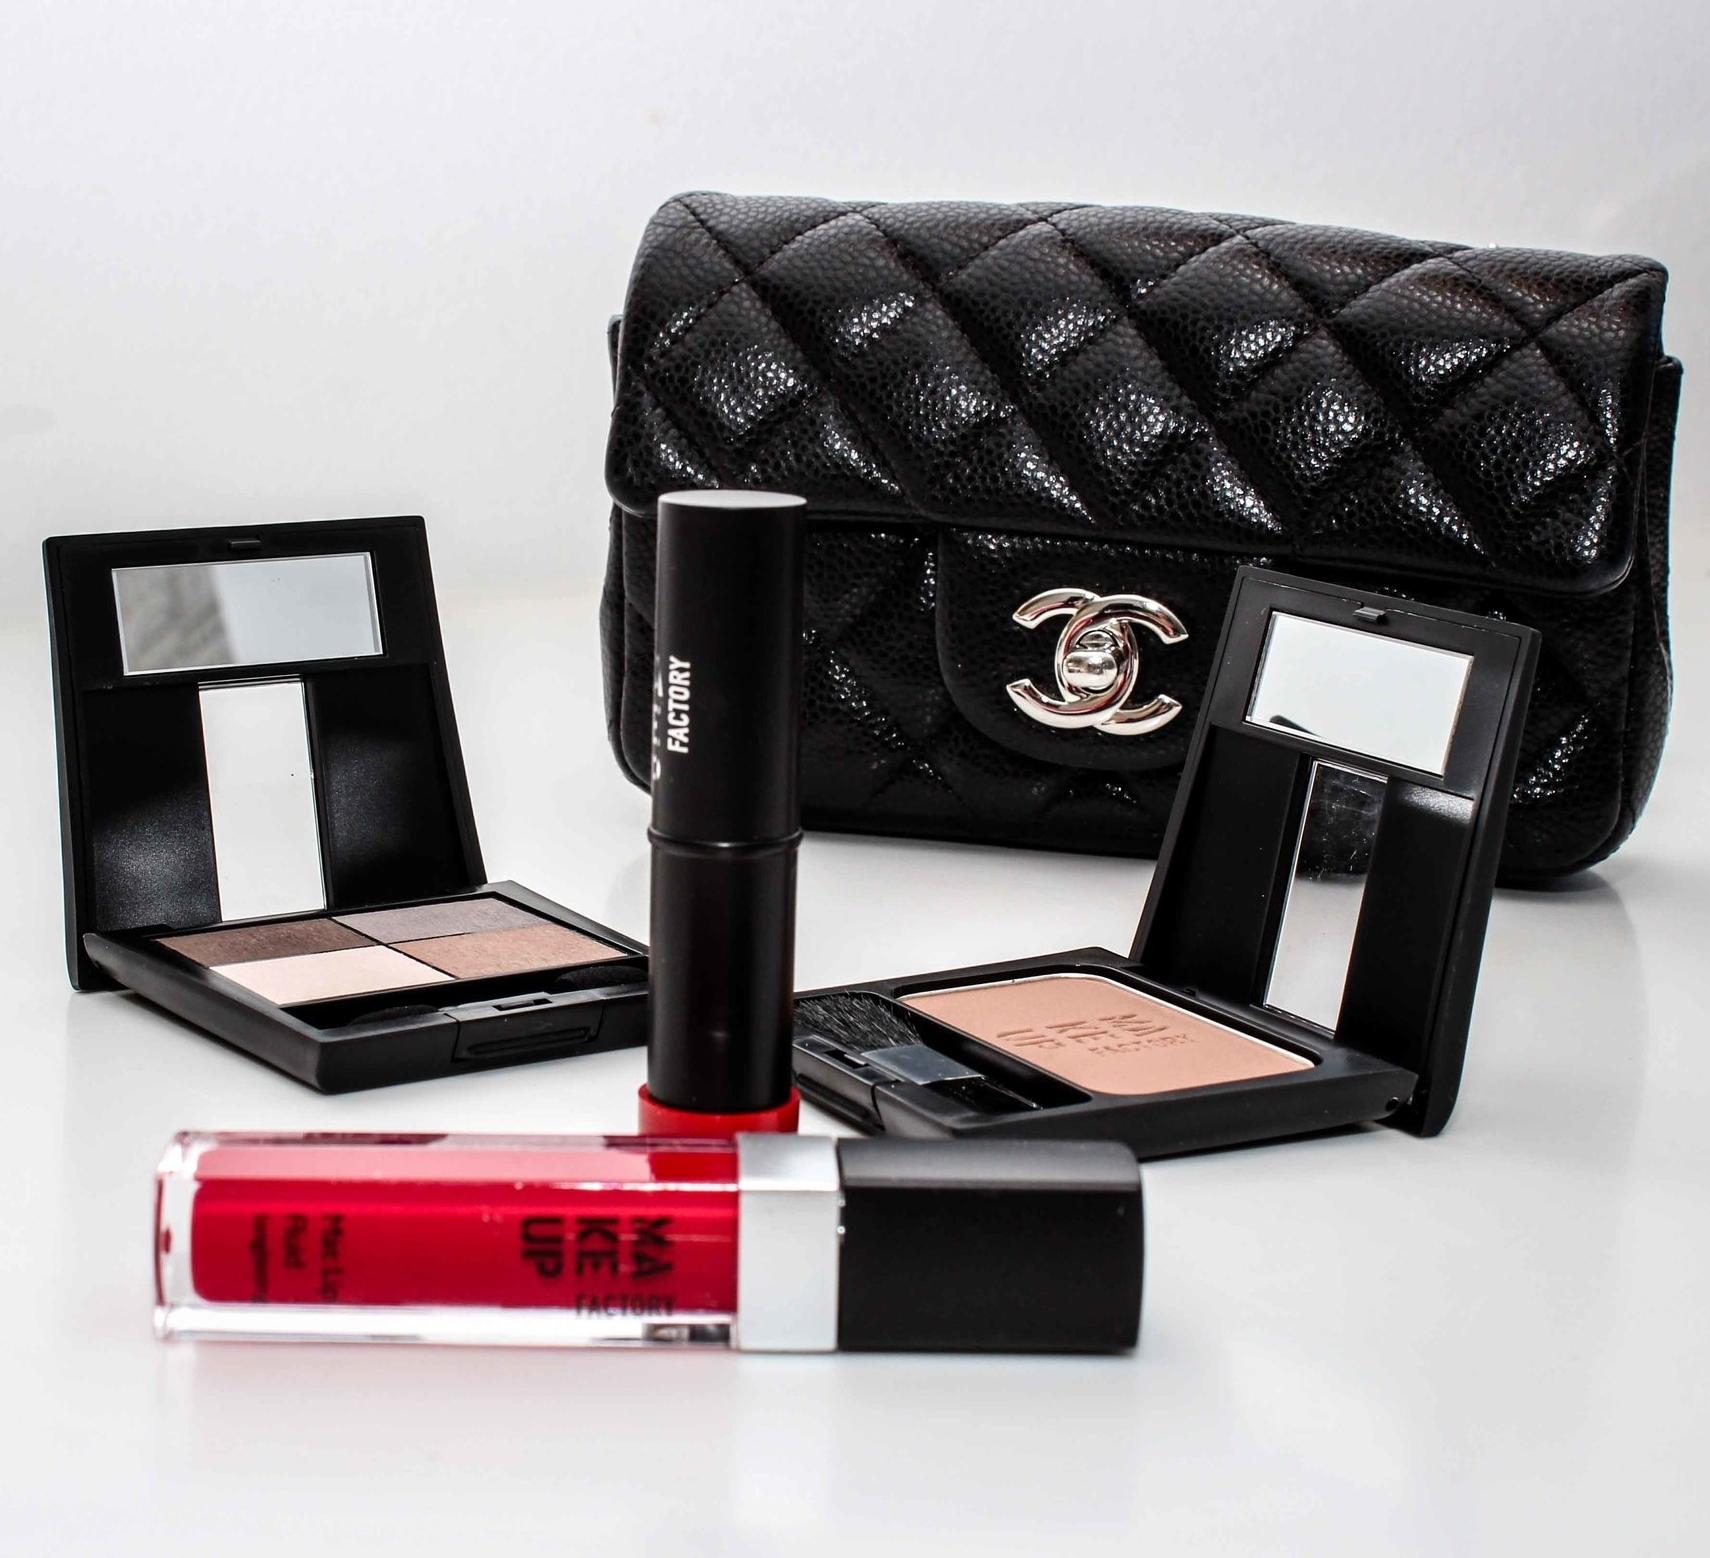 Beauty-by-skouboe-makeup-23.JPG